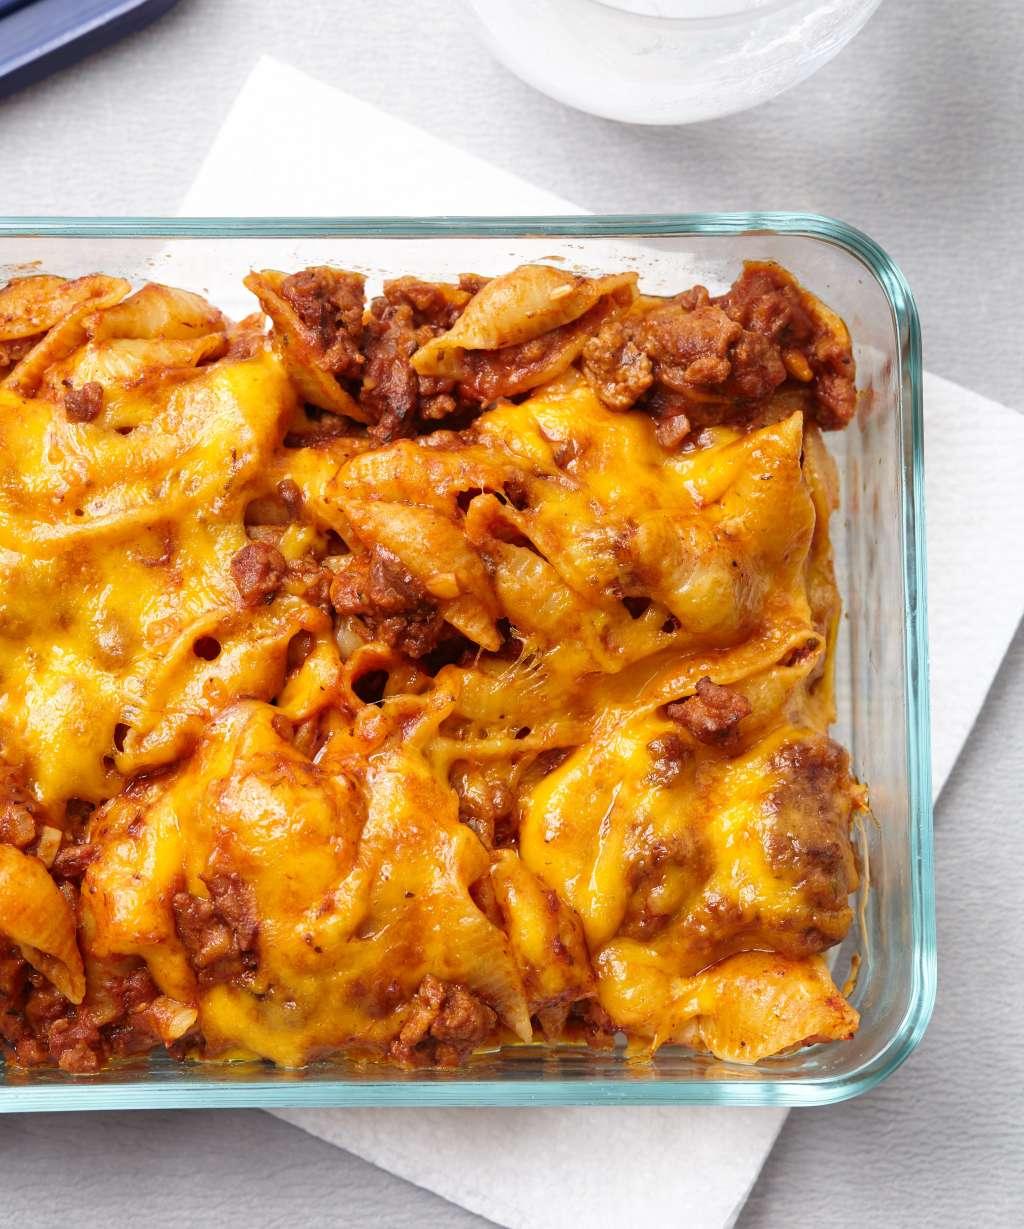 Recipe: Cheesy Beefaroni